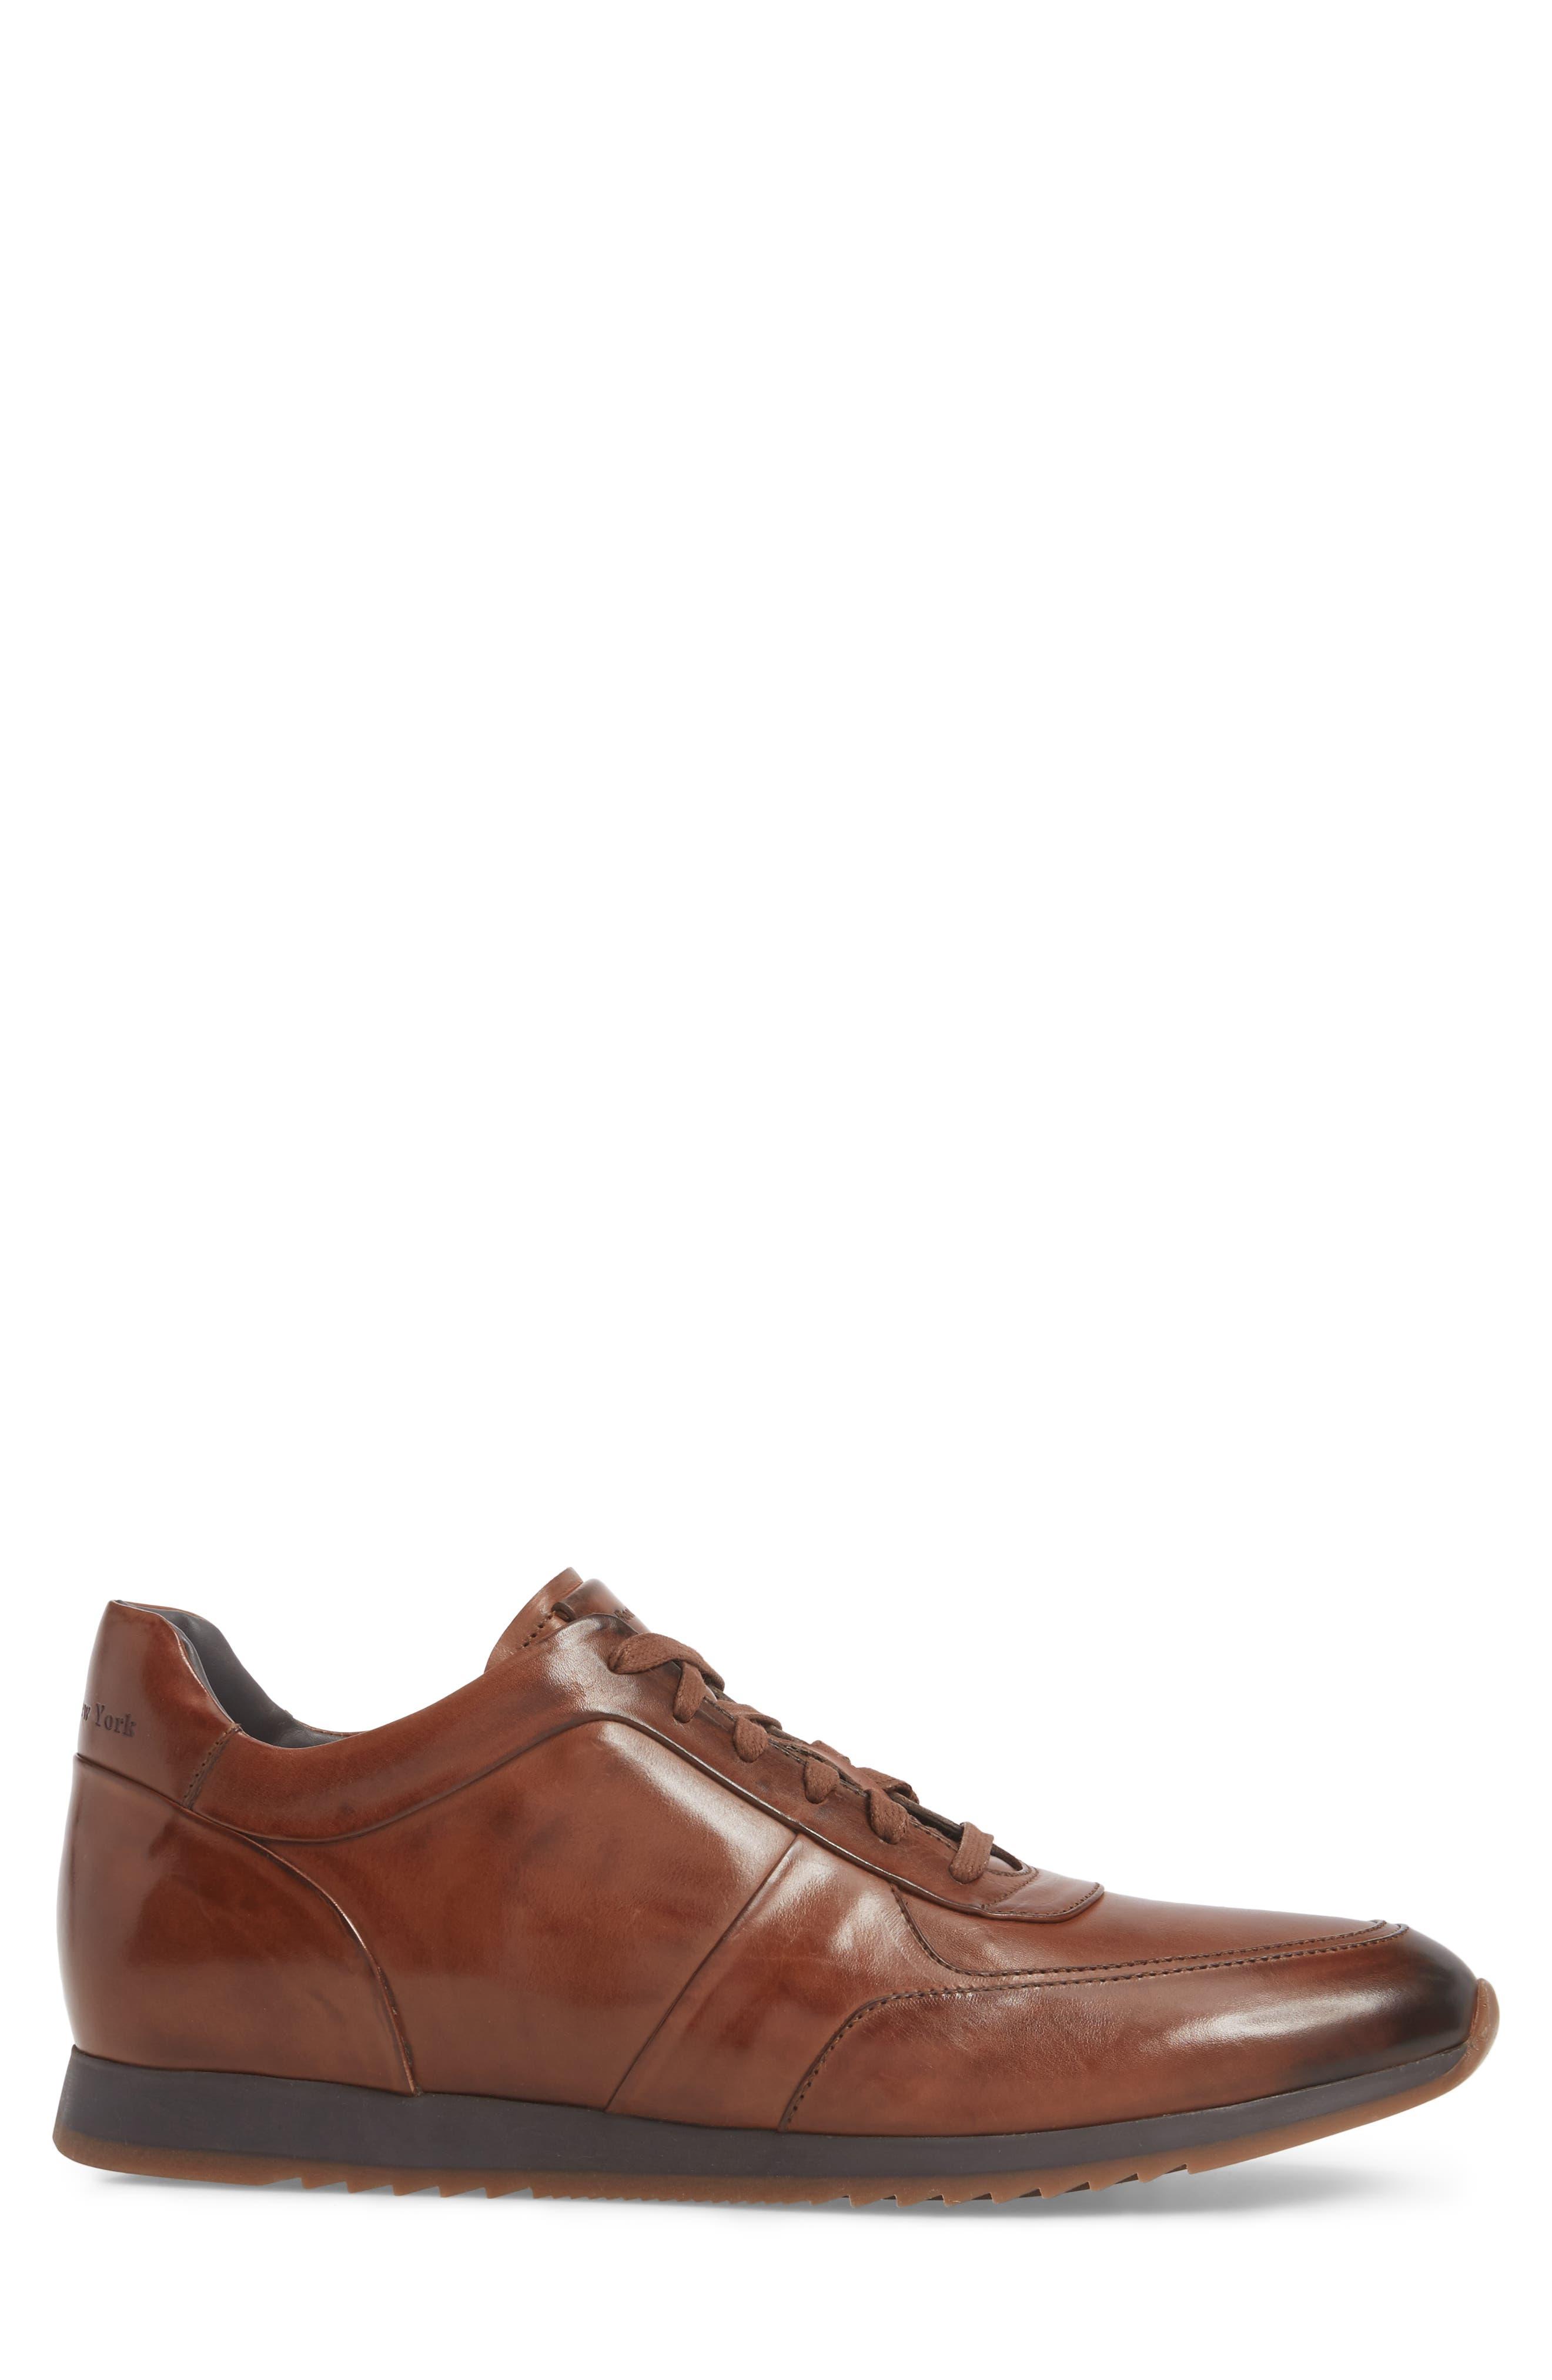 Lenox Low Top Sneaker,                             Alternate thumbnail 3, color,